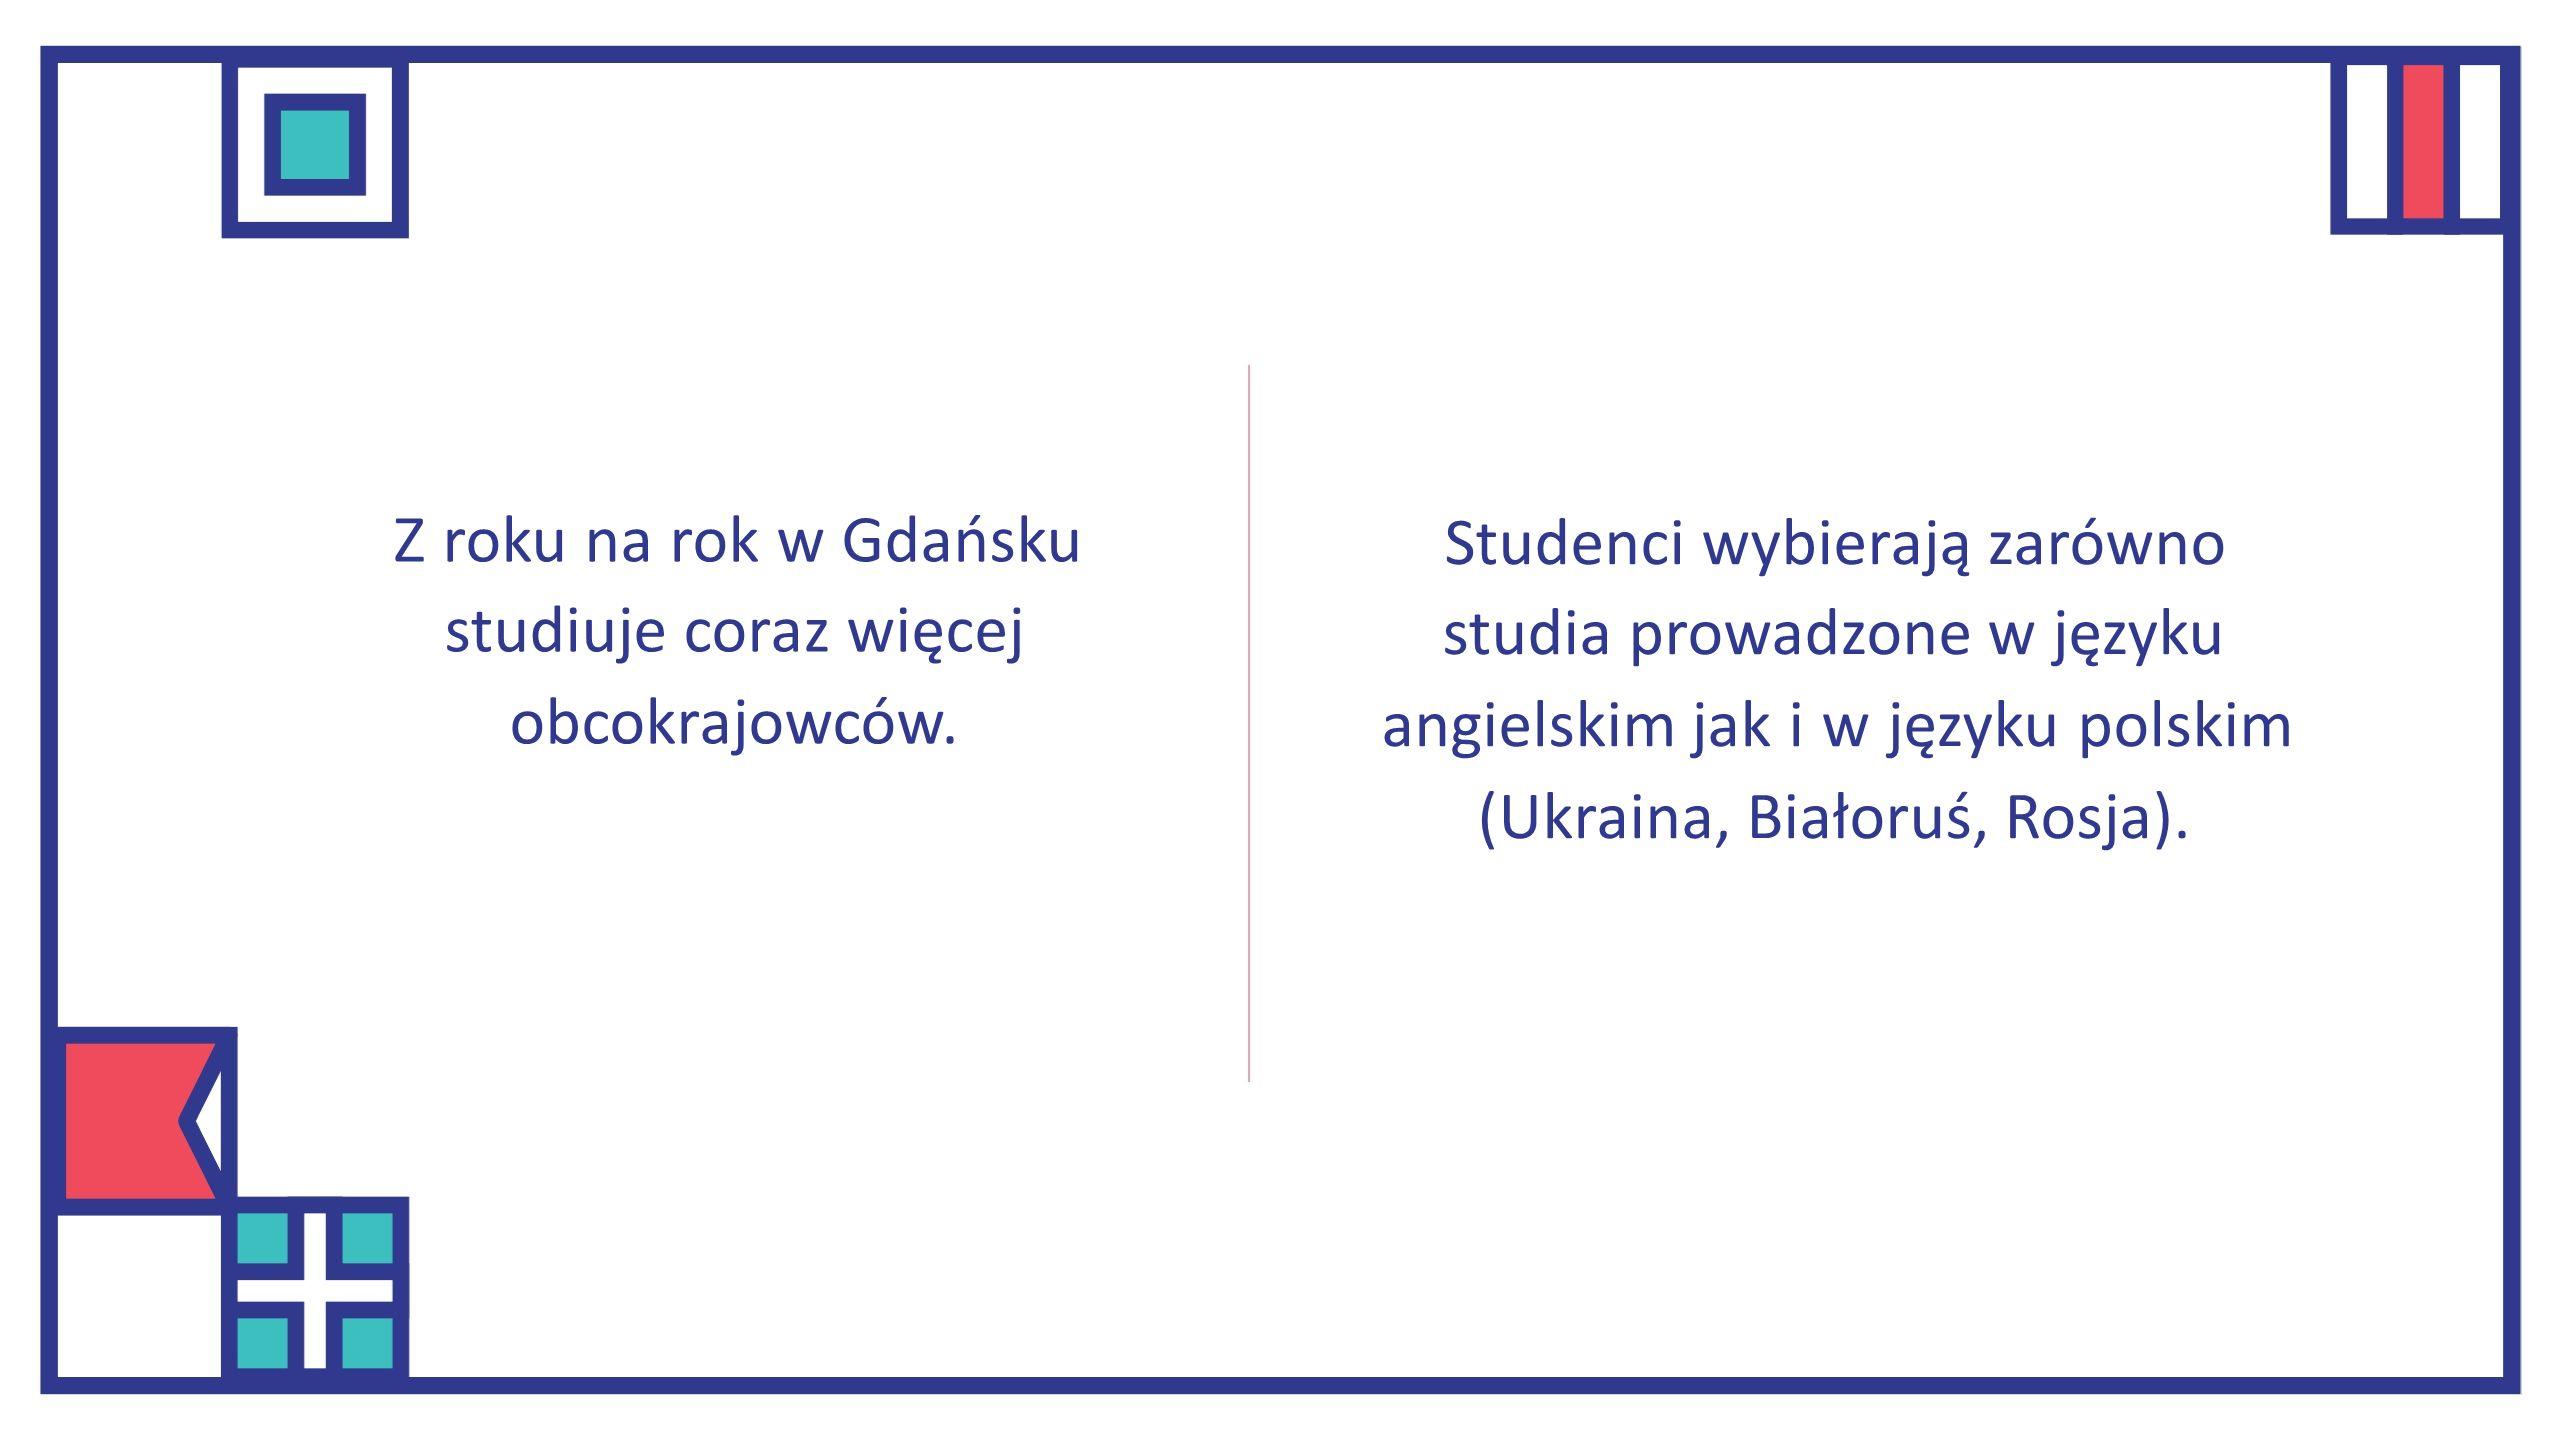 Z roku na rok w Gdańsku studiuje coraz więcej obcokrajowców.